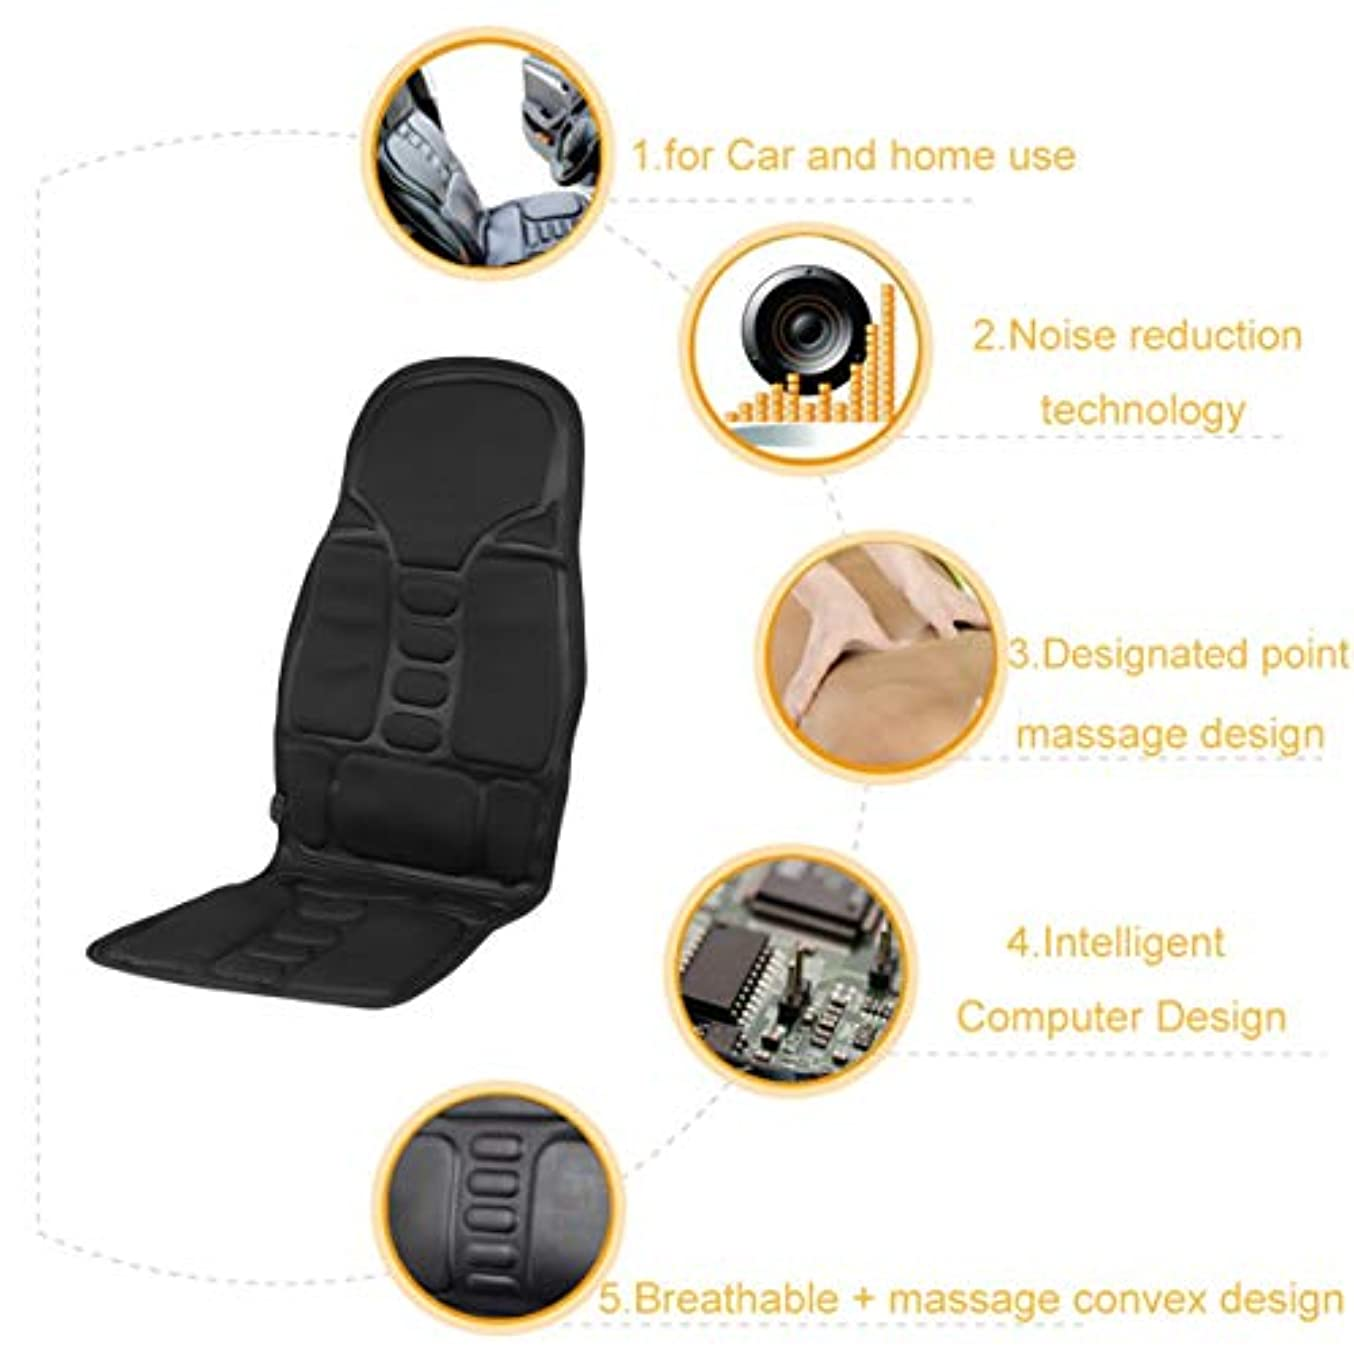 内部適切な熟読するProfessional Car Household Office Full Body Massage Cushion Lumbar Heat Vibration Neck Back Massage Cushion Seat